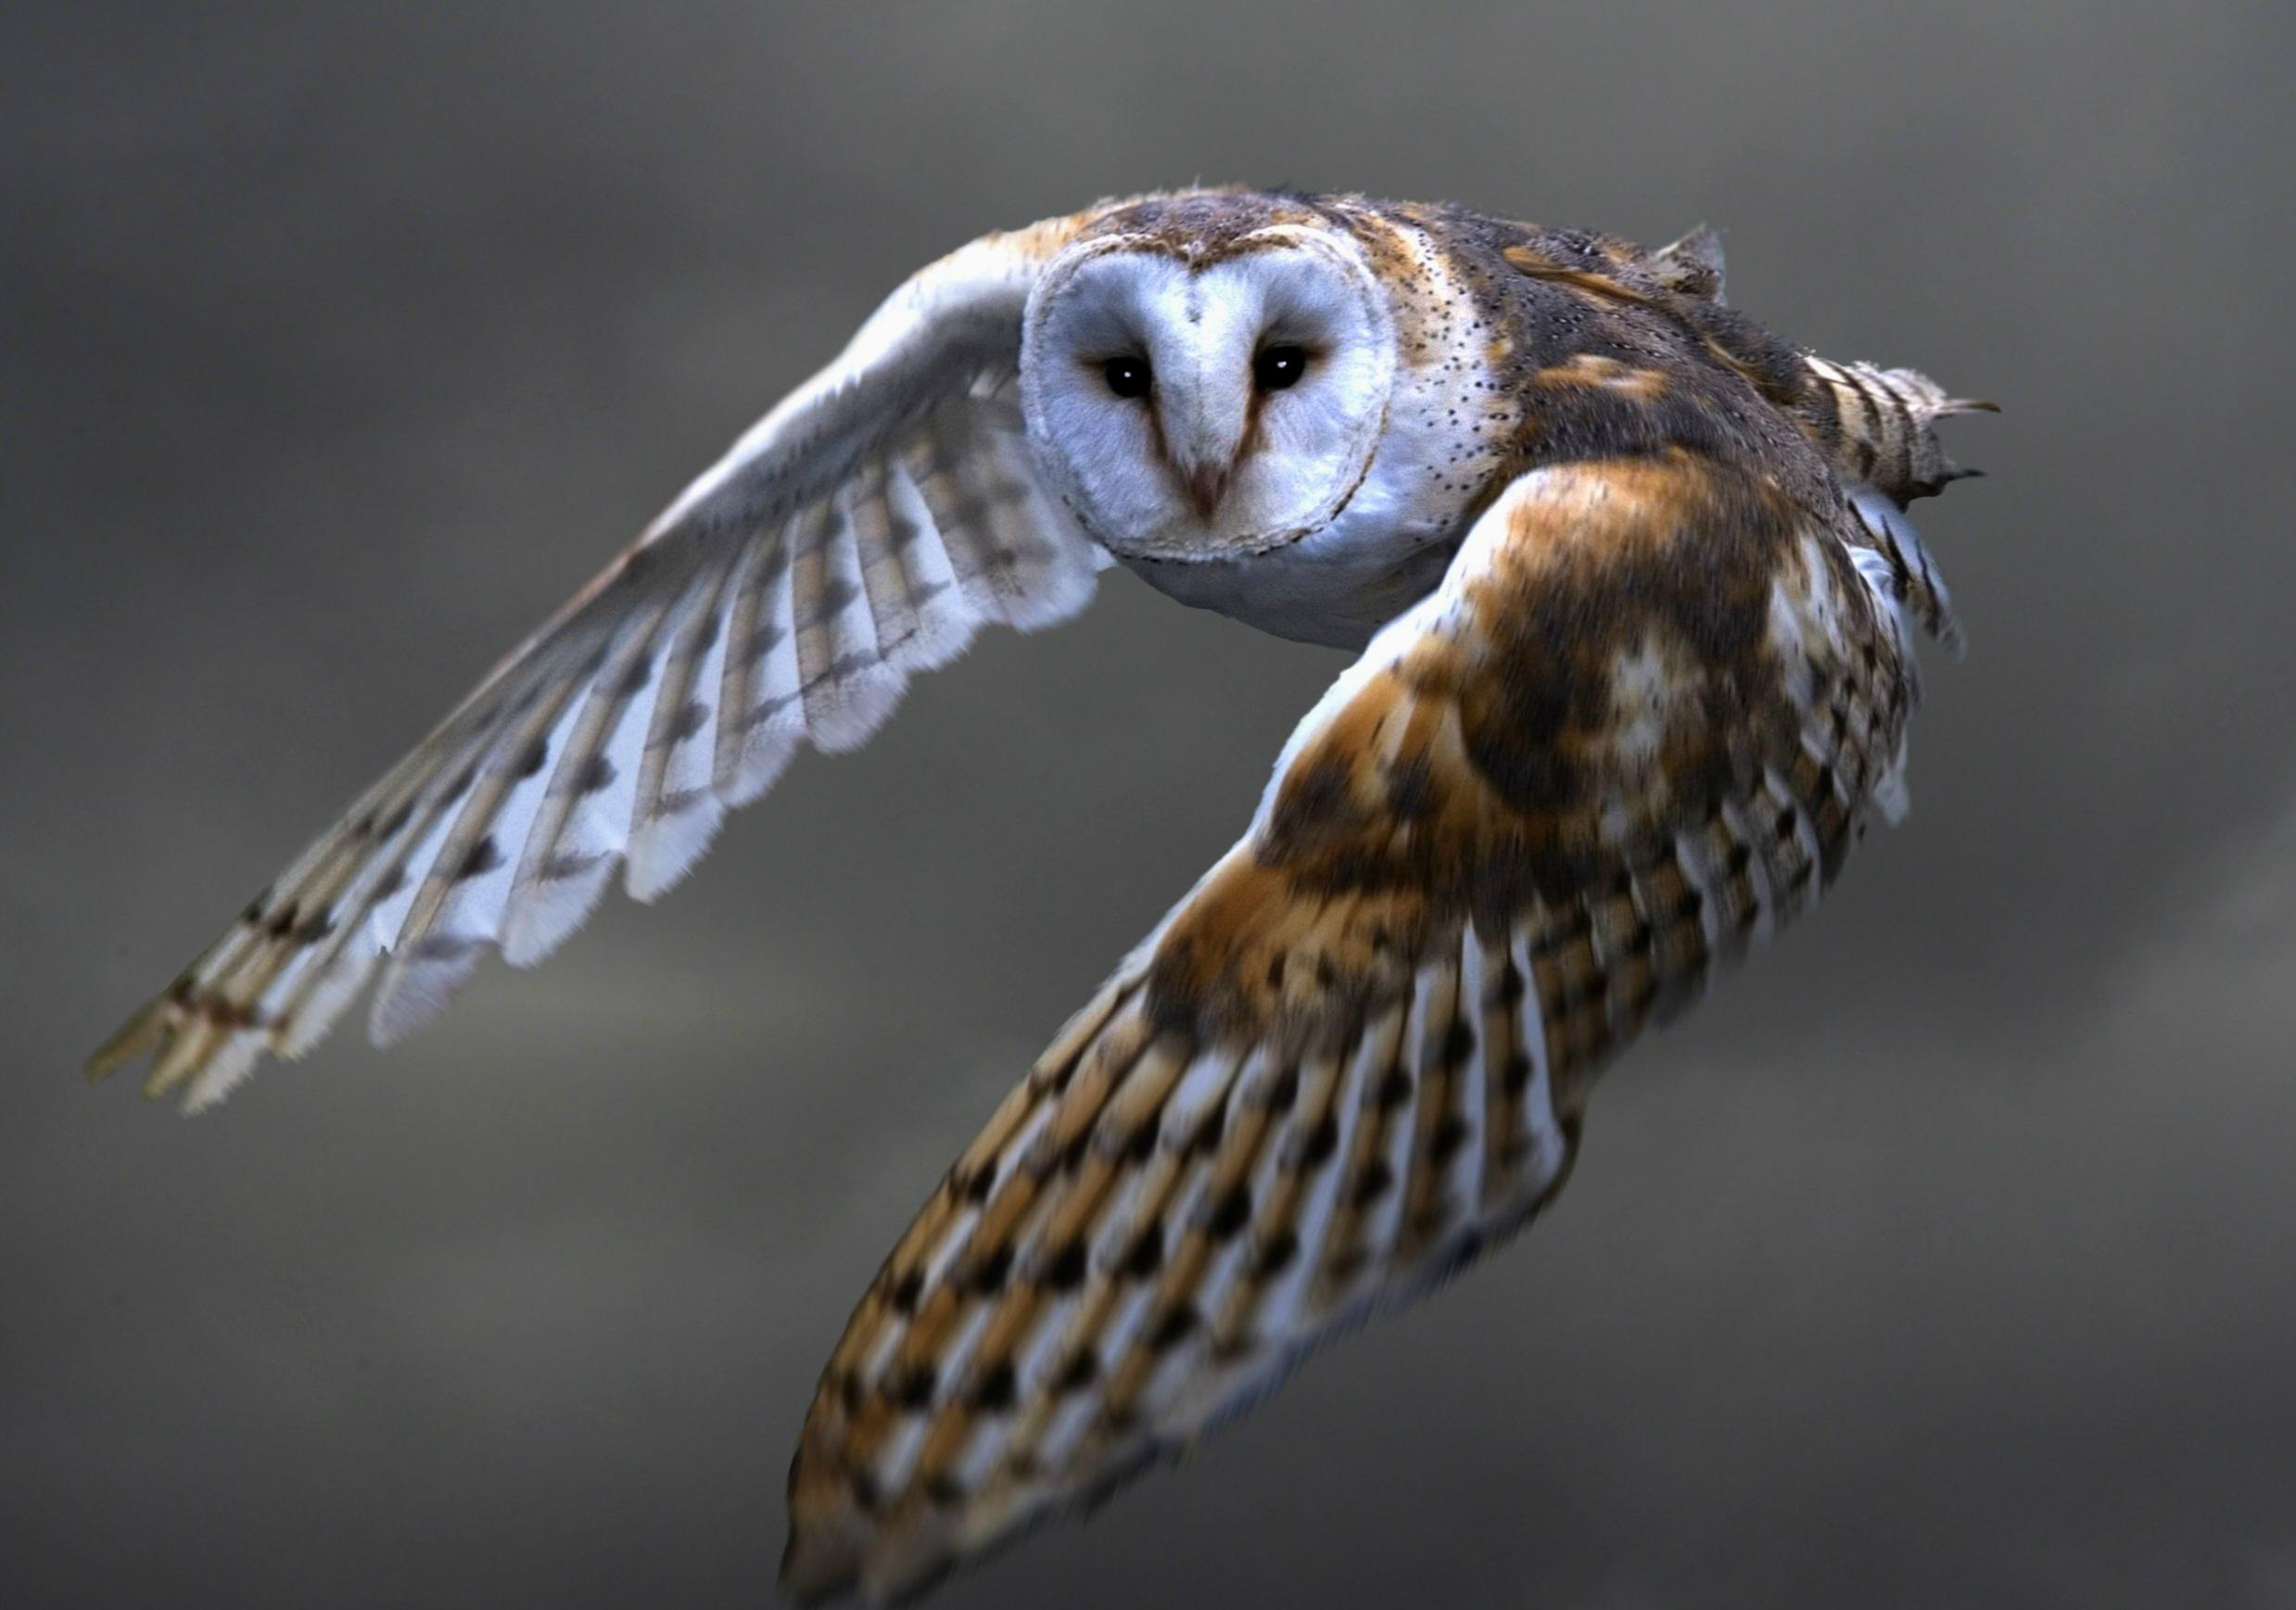 121729 Hintergrundbild herunterladen Eule, Tiere, Vogel, Raubtier, Predator, Flug, Schleiereule, Sipucha - Bildschirmschoner und Bilder kostenlos